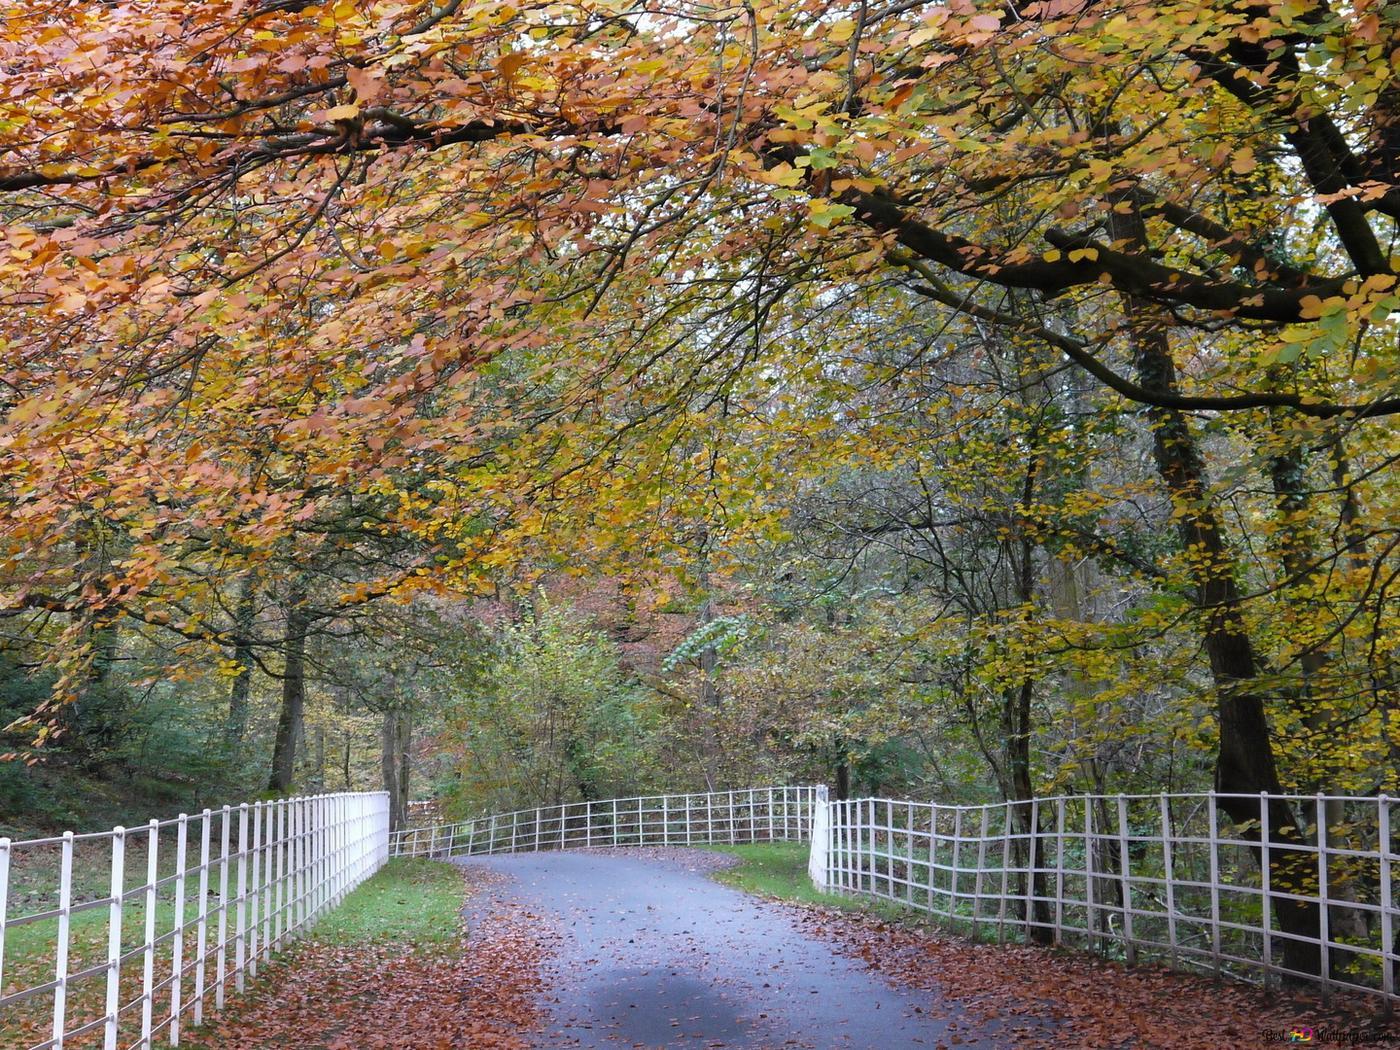 秋の美しい景色 Hd壁紙のダウンロード